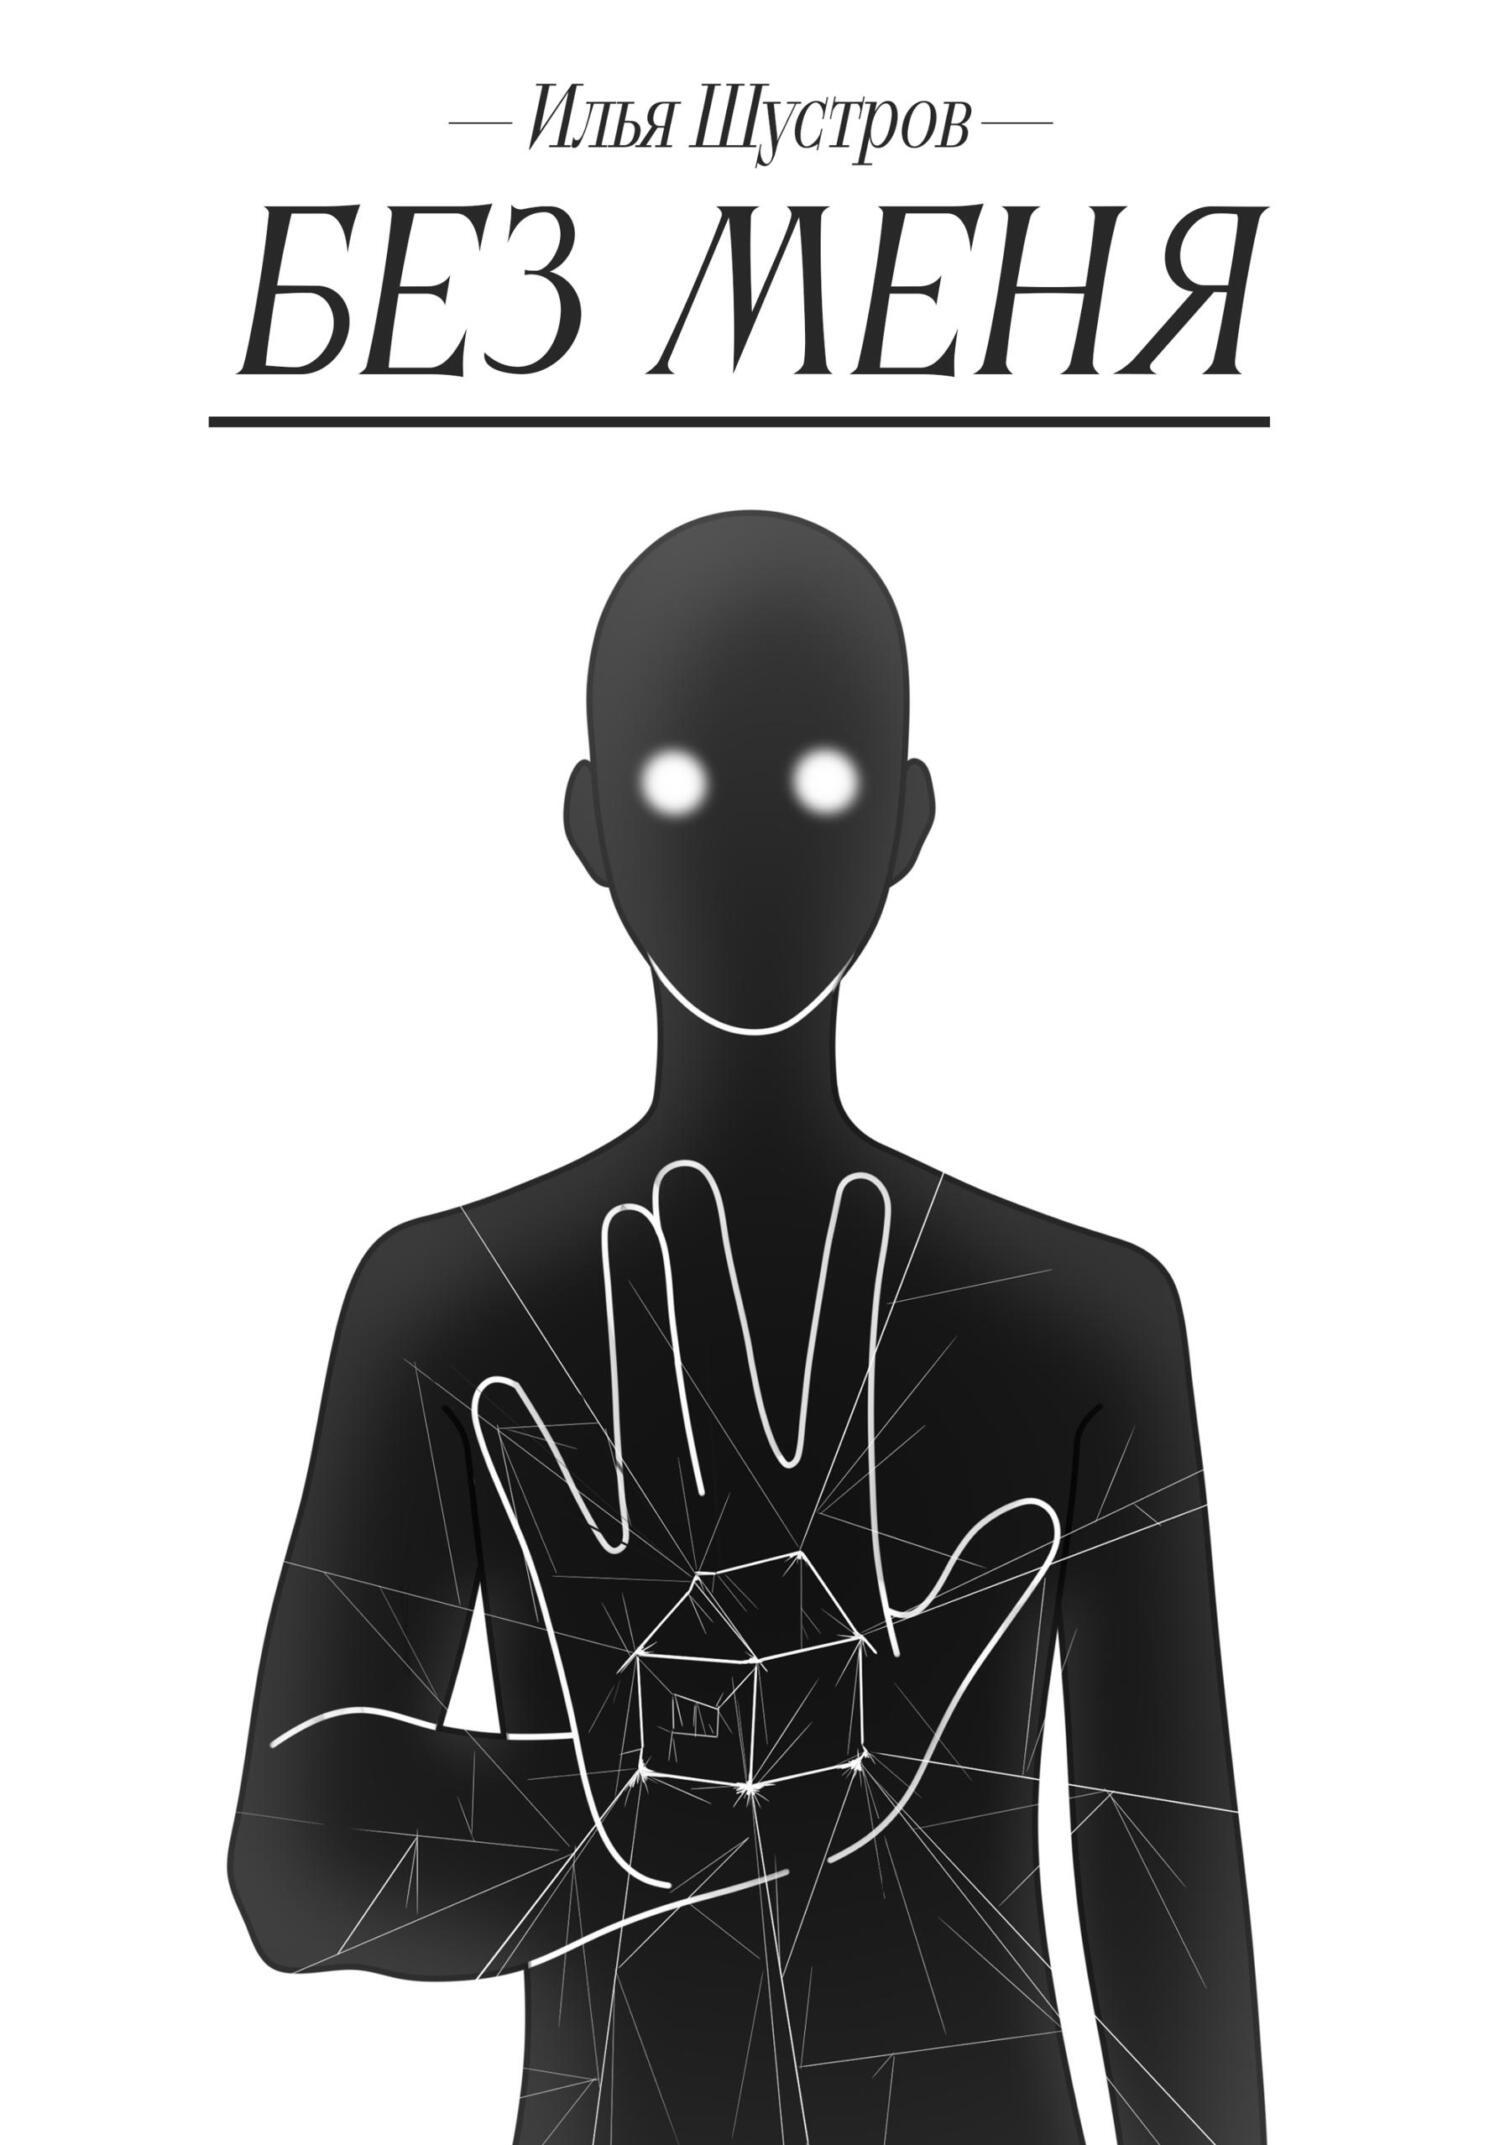 Илья Алексеевич Шустров БЕЗ МЕНЯ жизнь в свете дома и при дворе этикет